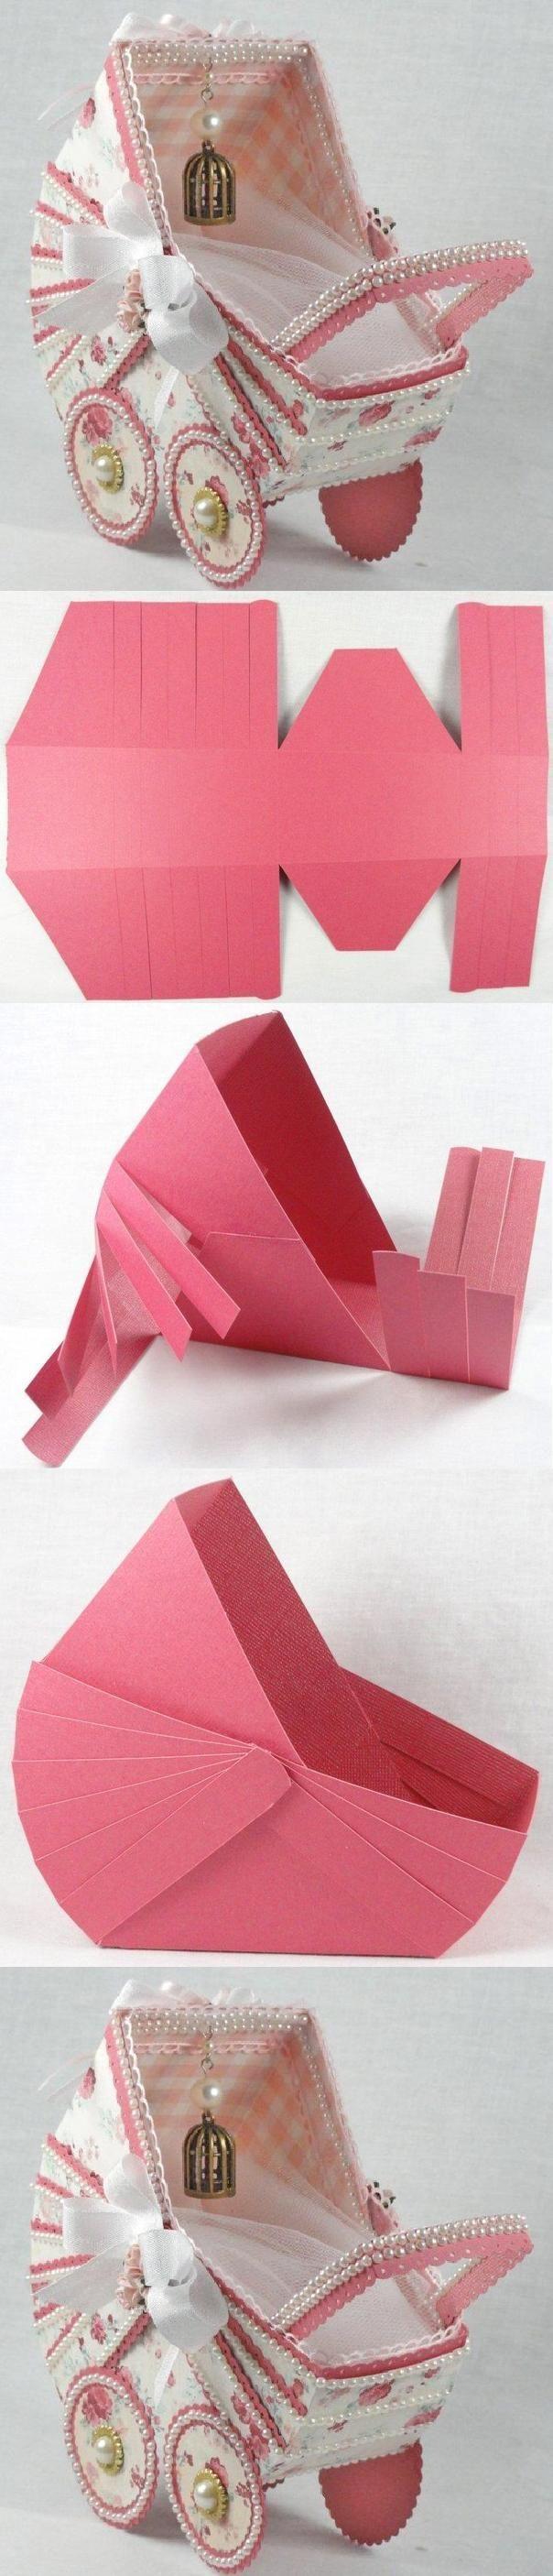 Cómo hacer un cochecito de papel